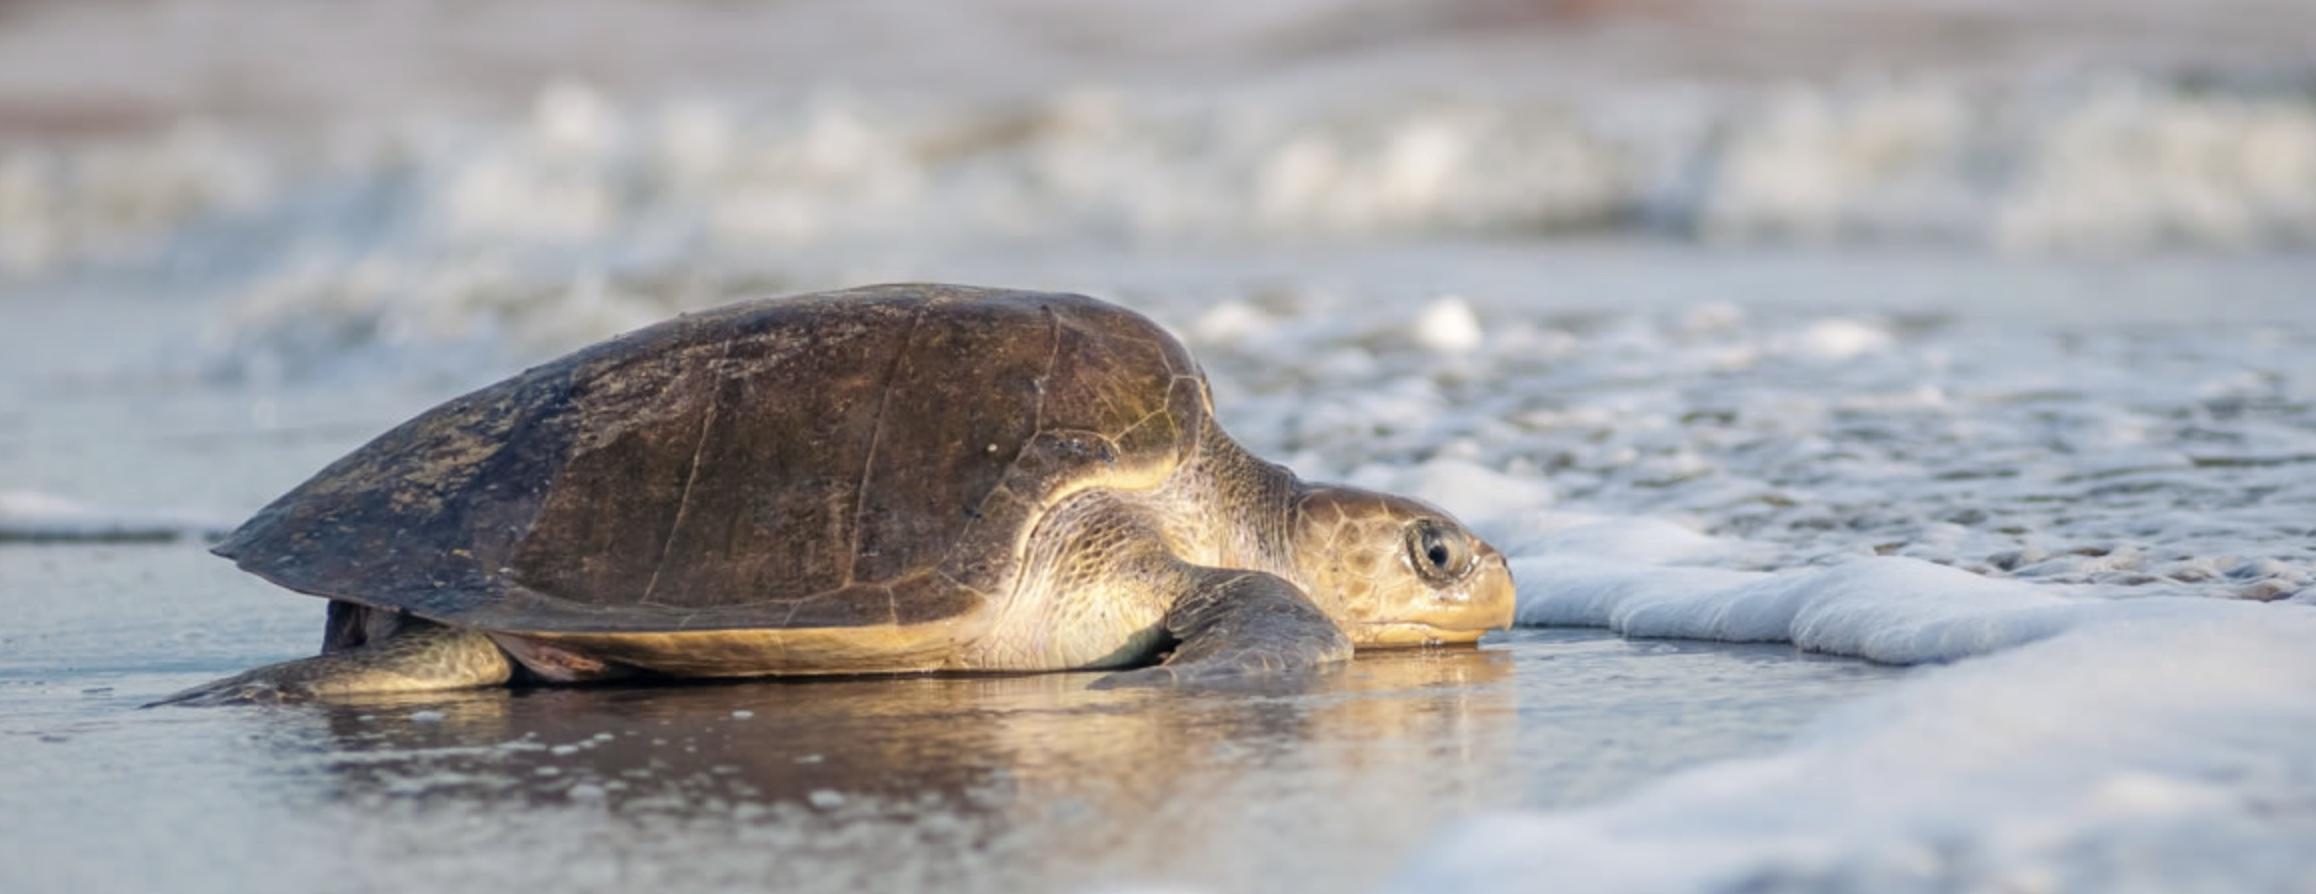 Turtles releasing in Puerto Vallarta